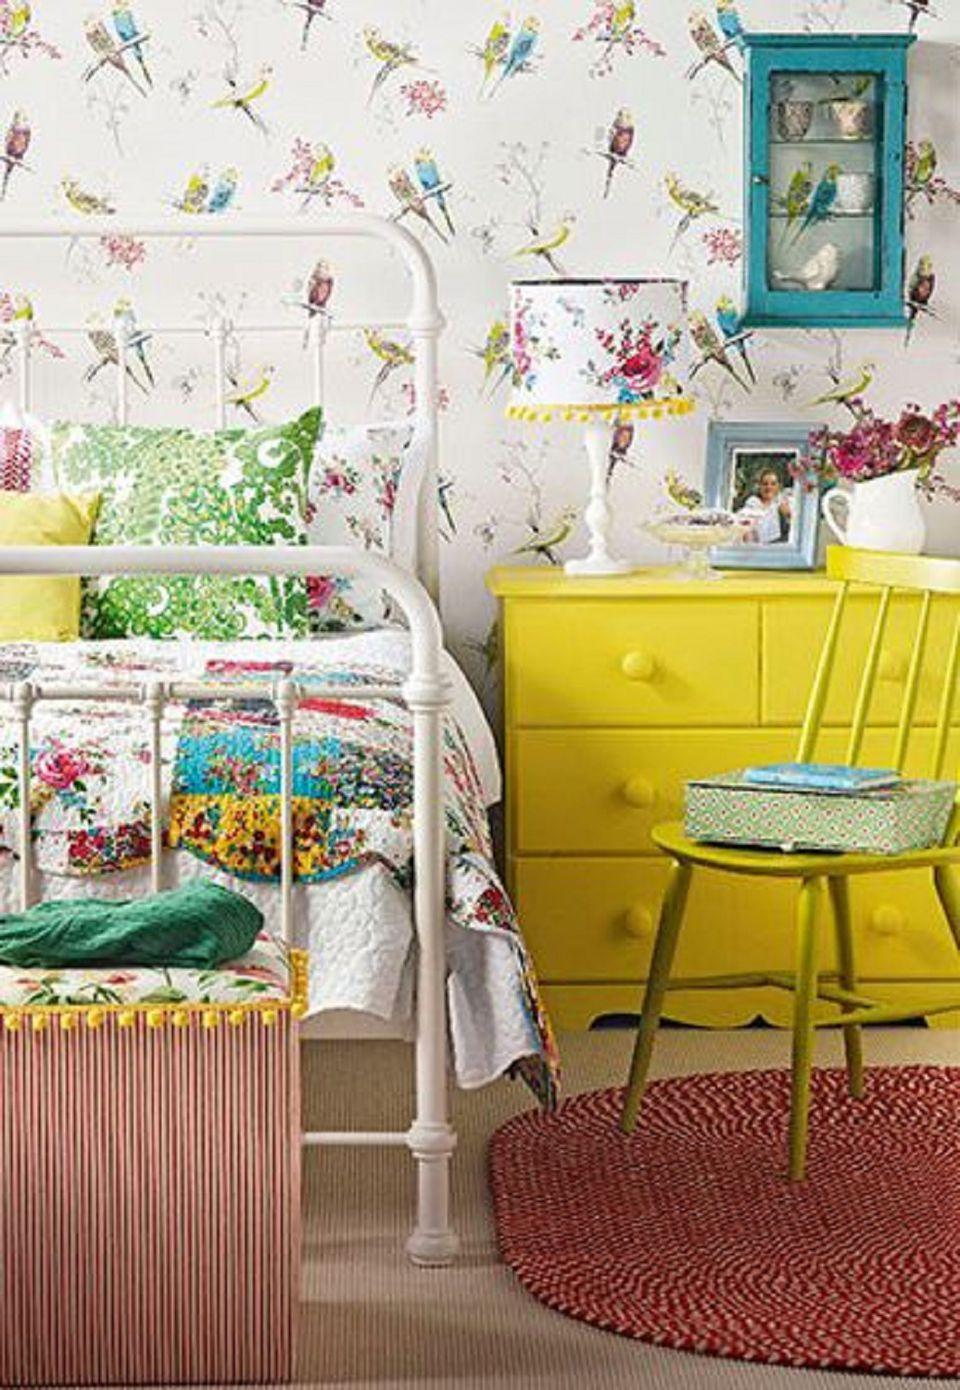 Vintage bedroom decorating ideas and photos - Habitaciones vintage chic ...